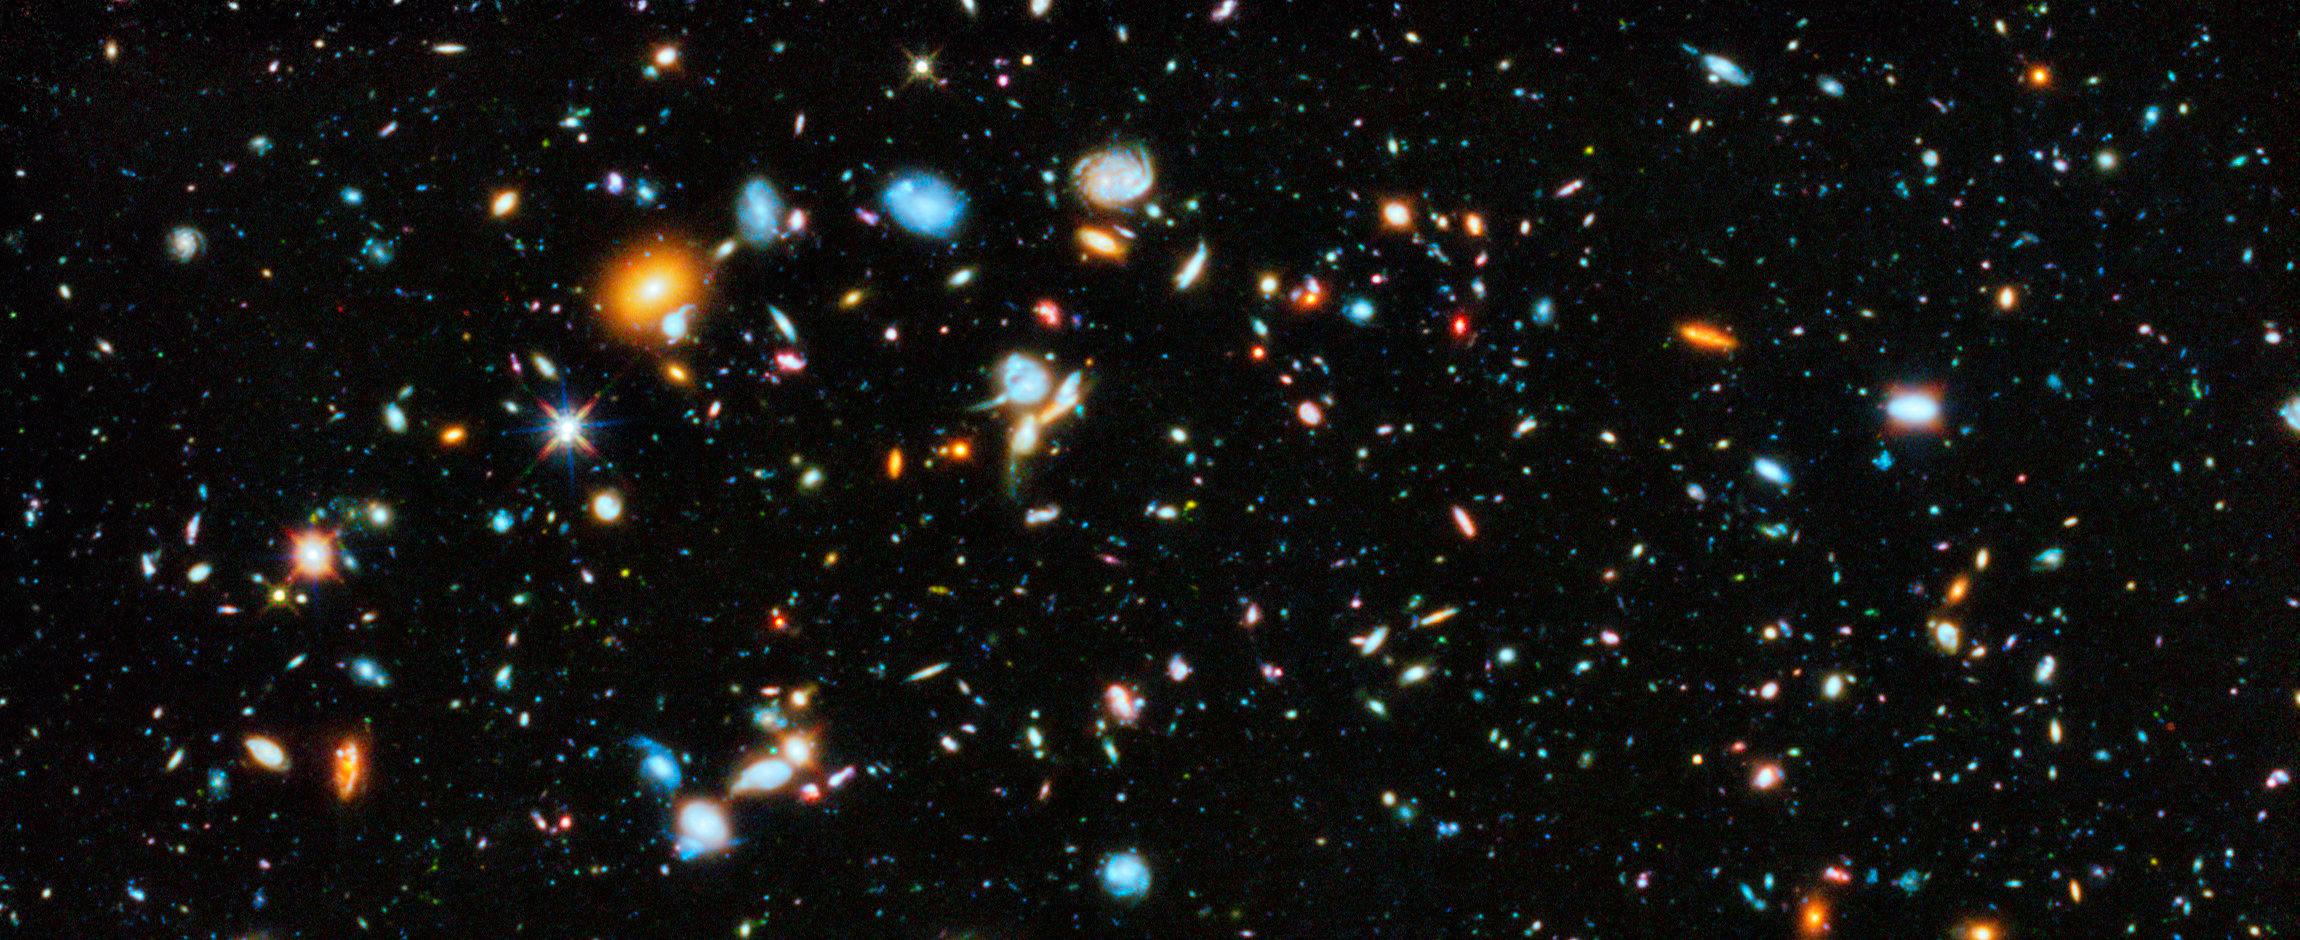 Участок сверхглубокого поля Хаббла (HUDF) показывает просто невероятное количество галактик